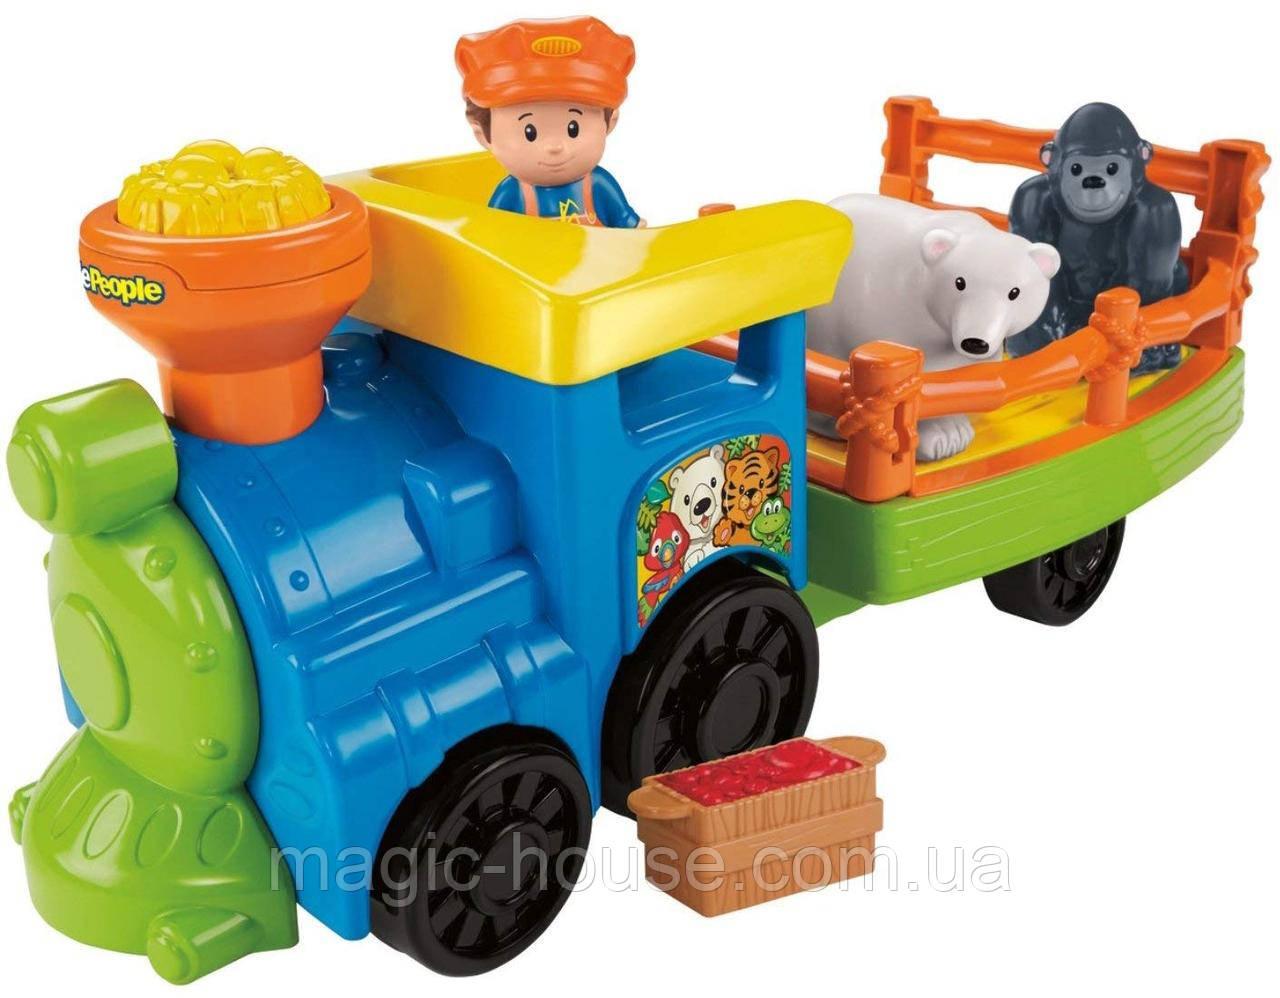 Музичний паровозик зоопарк Fisher Price Little People Choo-Choo Zoo Train